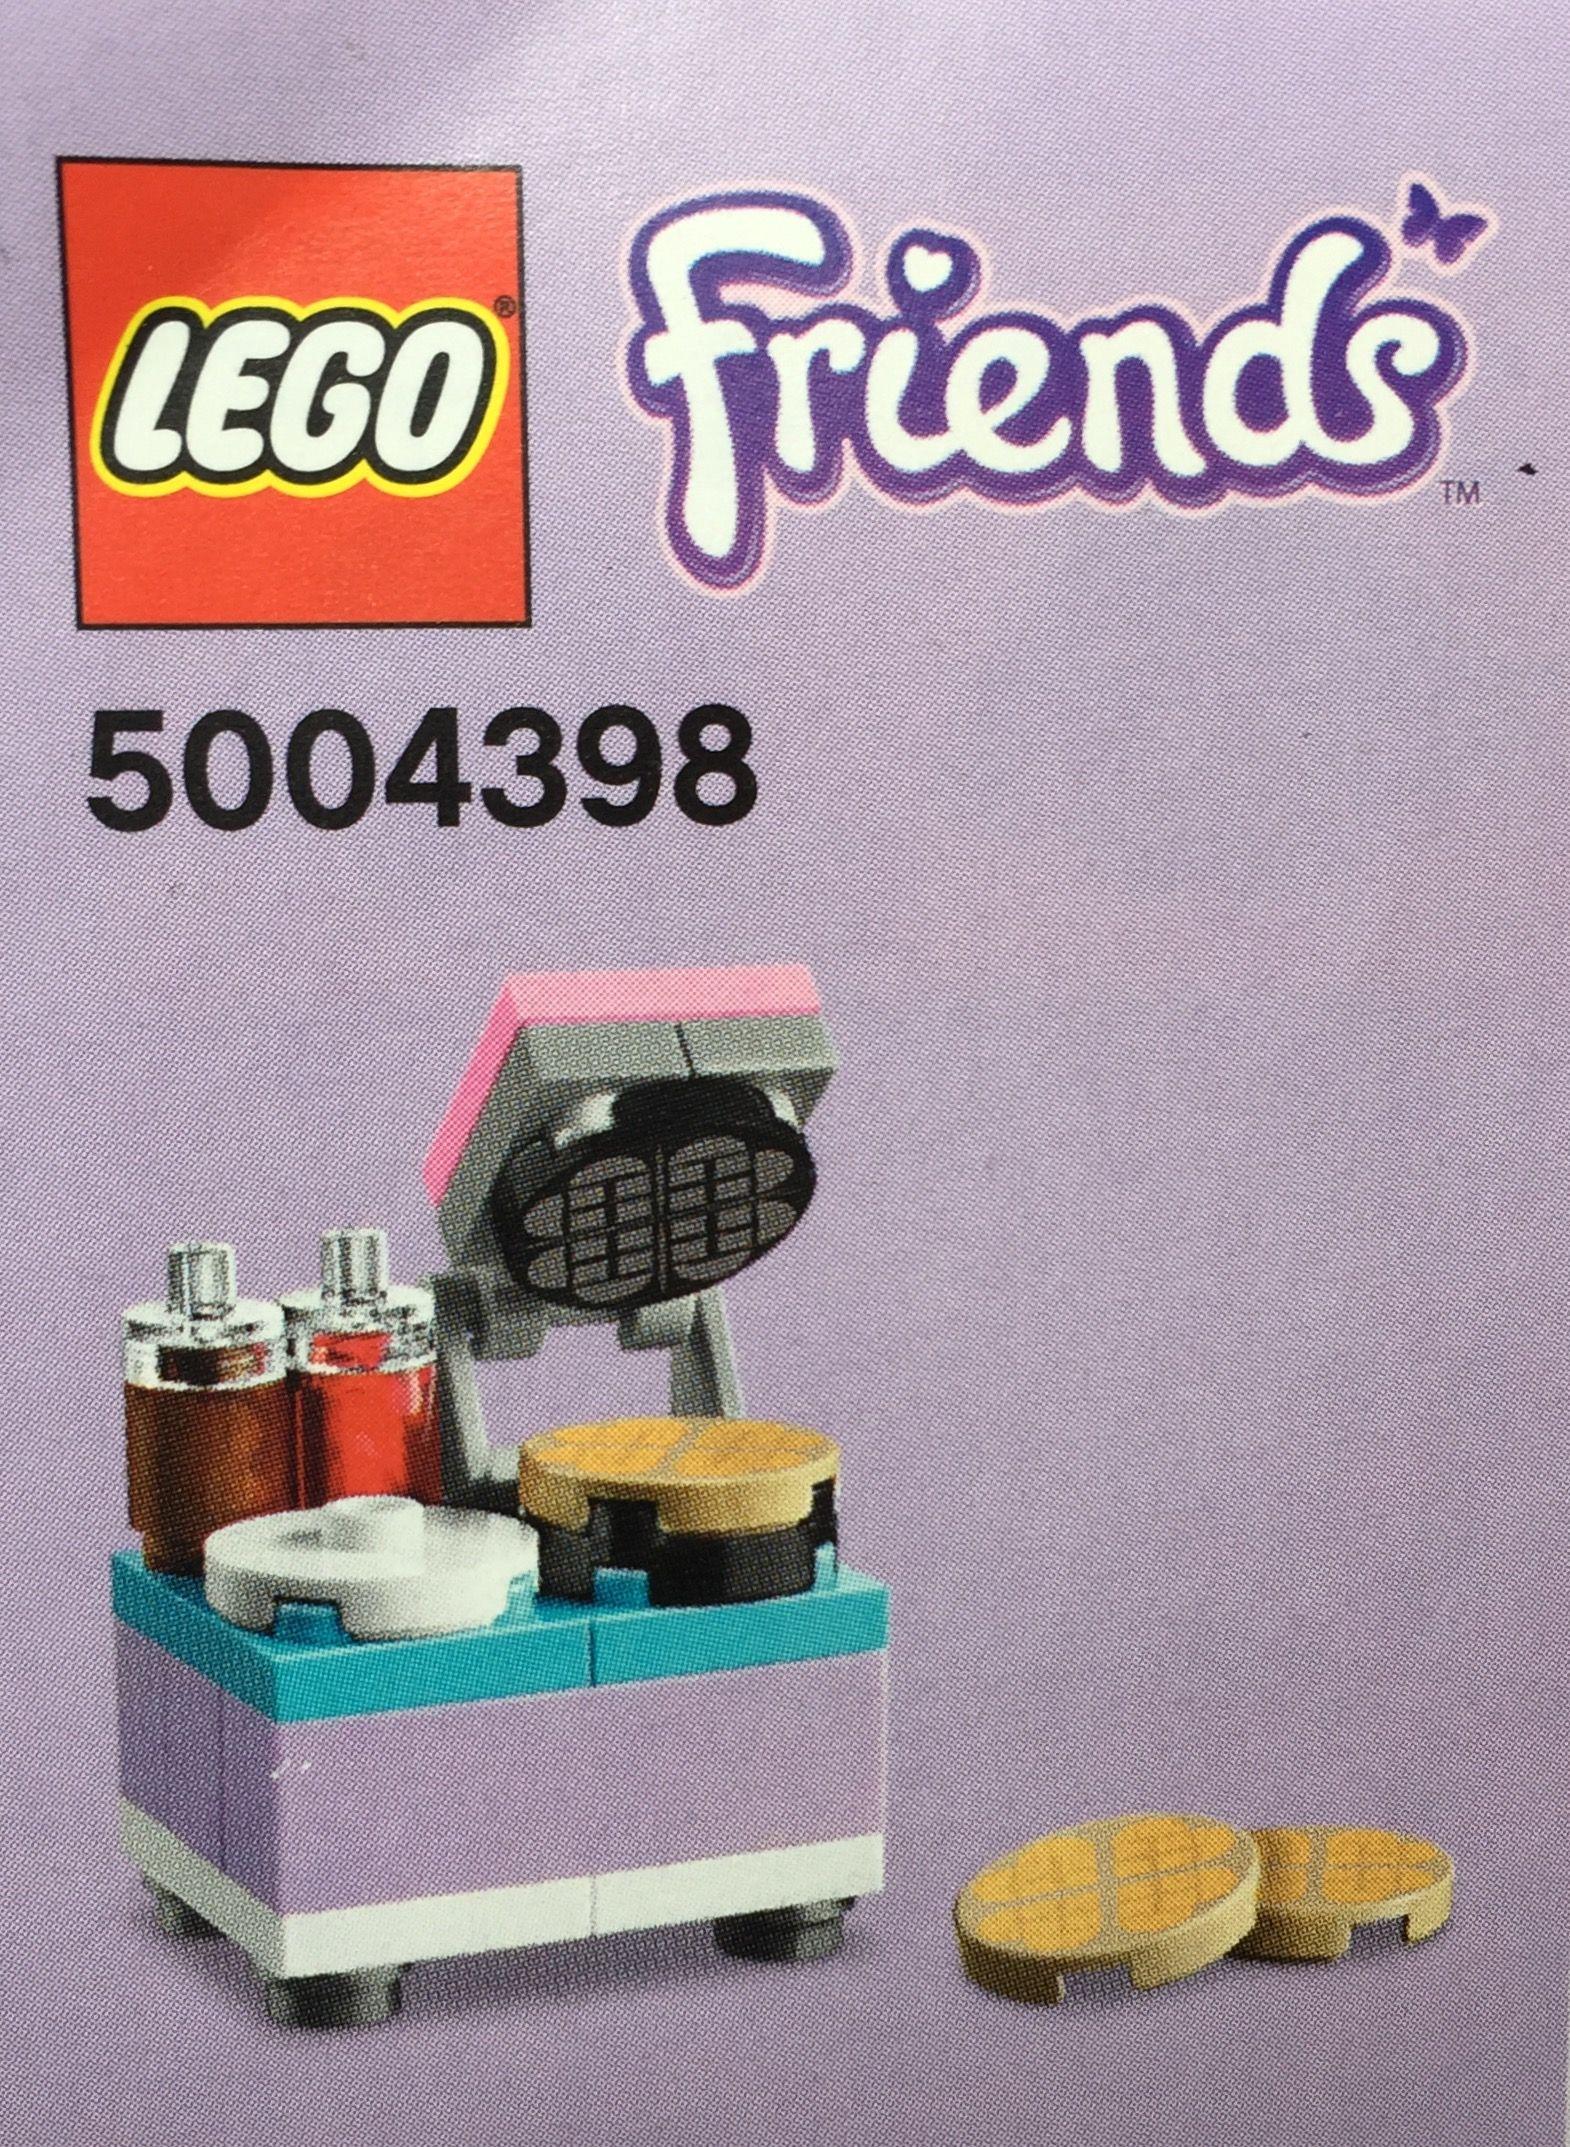 Lego Friends 5004398 Lego Friends Lego Friends Sets Lego Girls